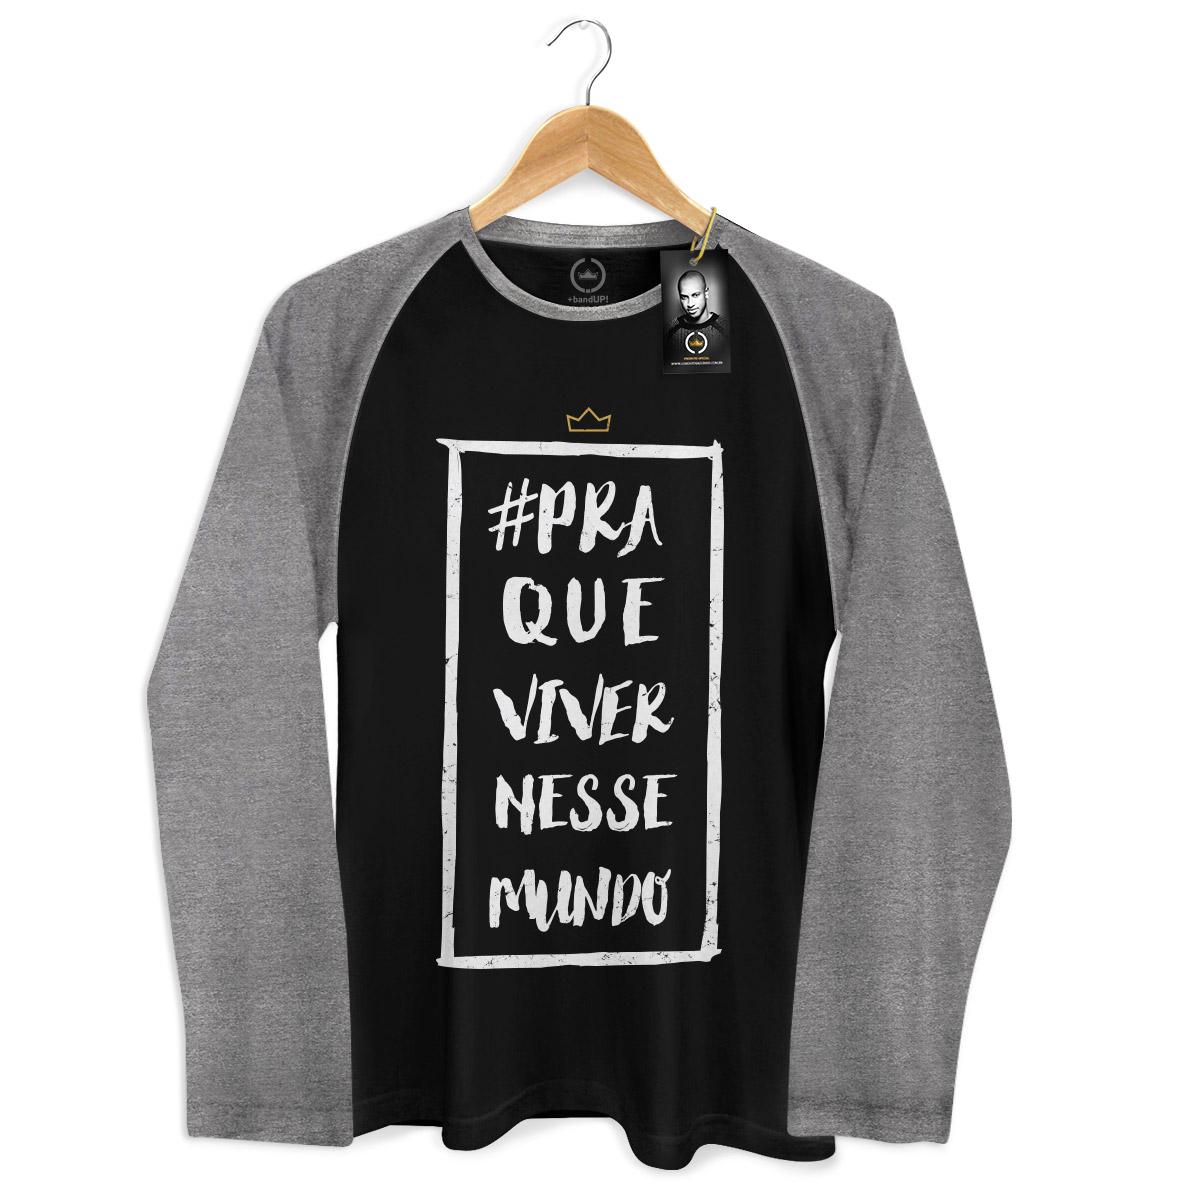 Camiseta Raglan Masculina Thiaguinho Pra Que Viver Nesse Mundo